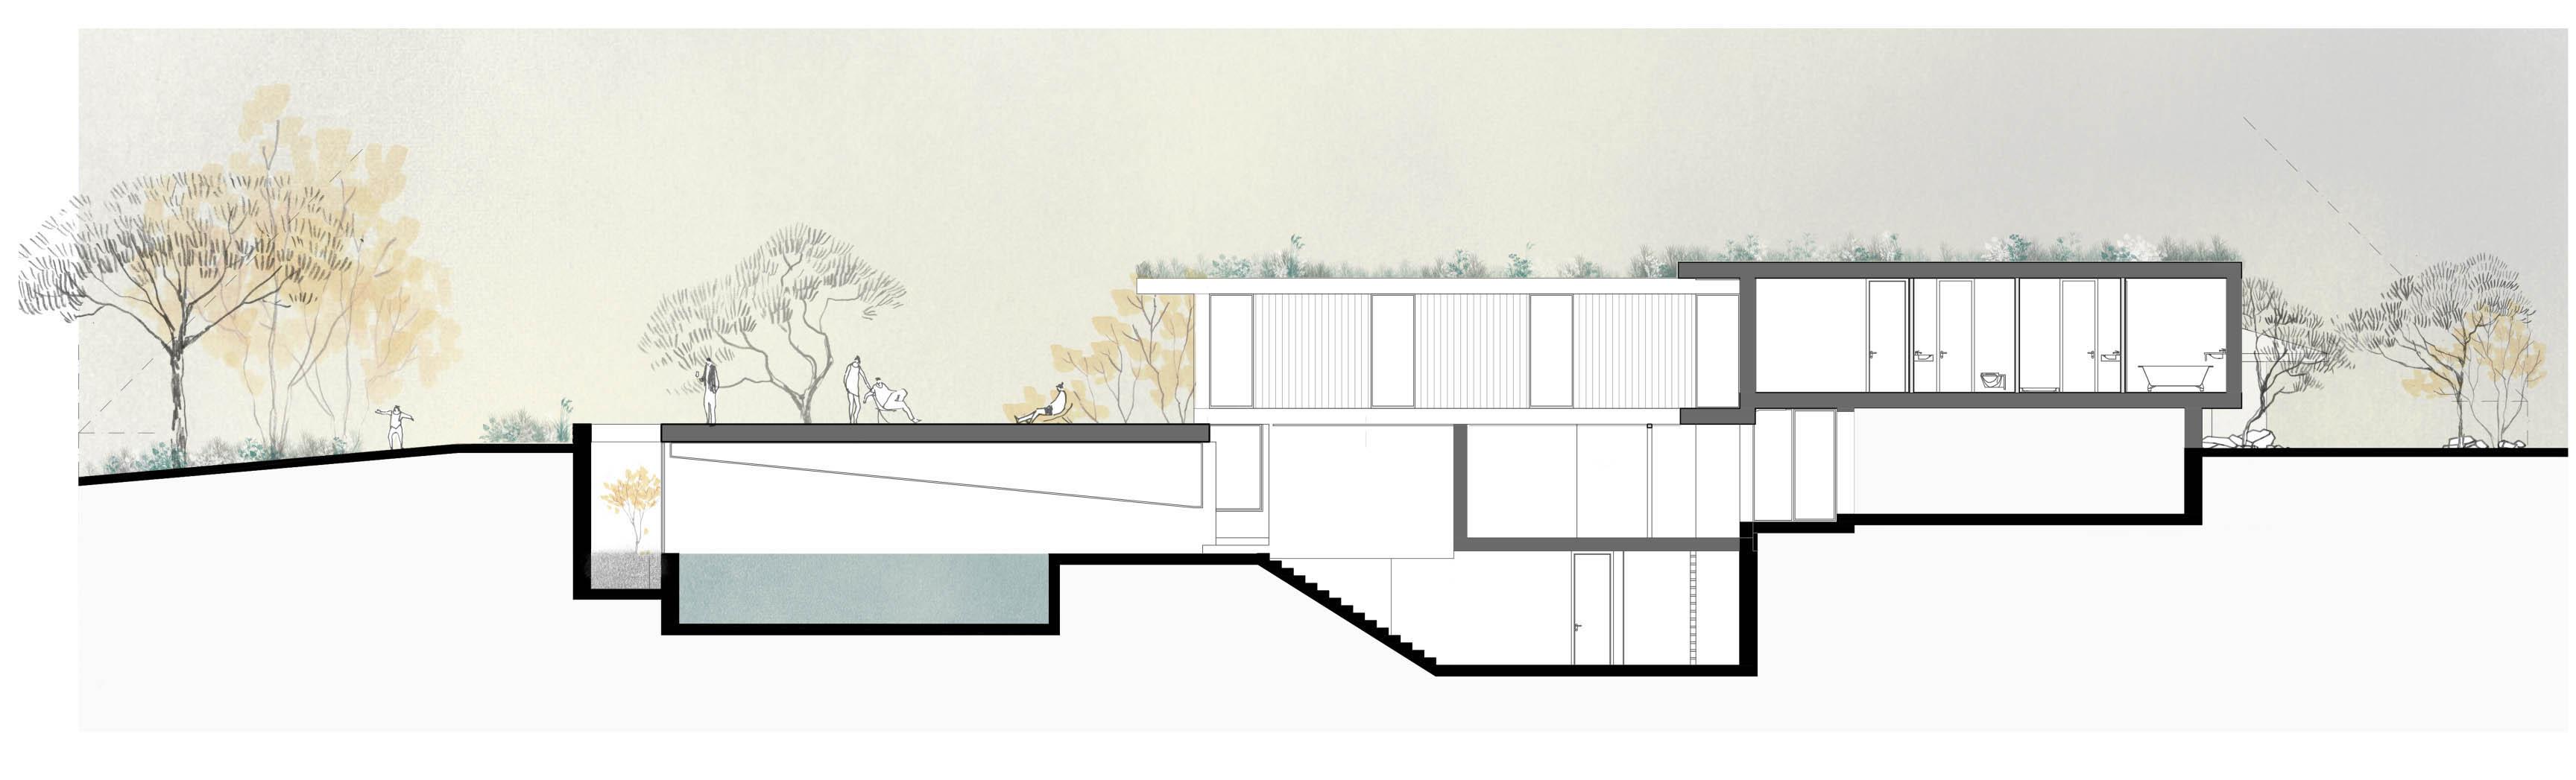 Valentine Bärg Architectures - Architectures d'intérieur Genève - Pointe à la Bise 1